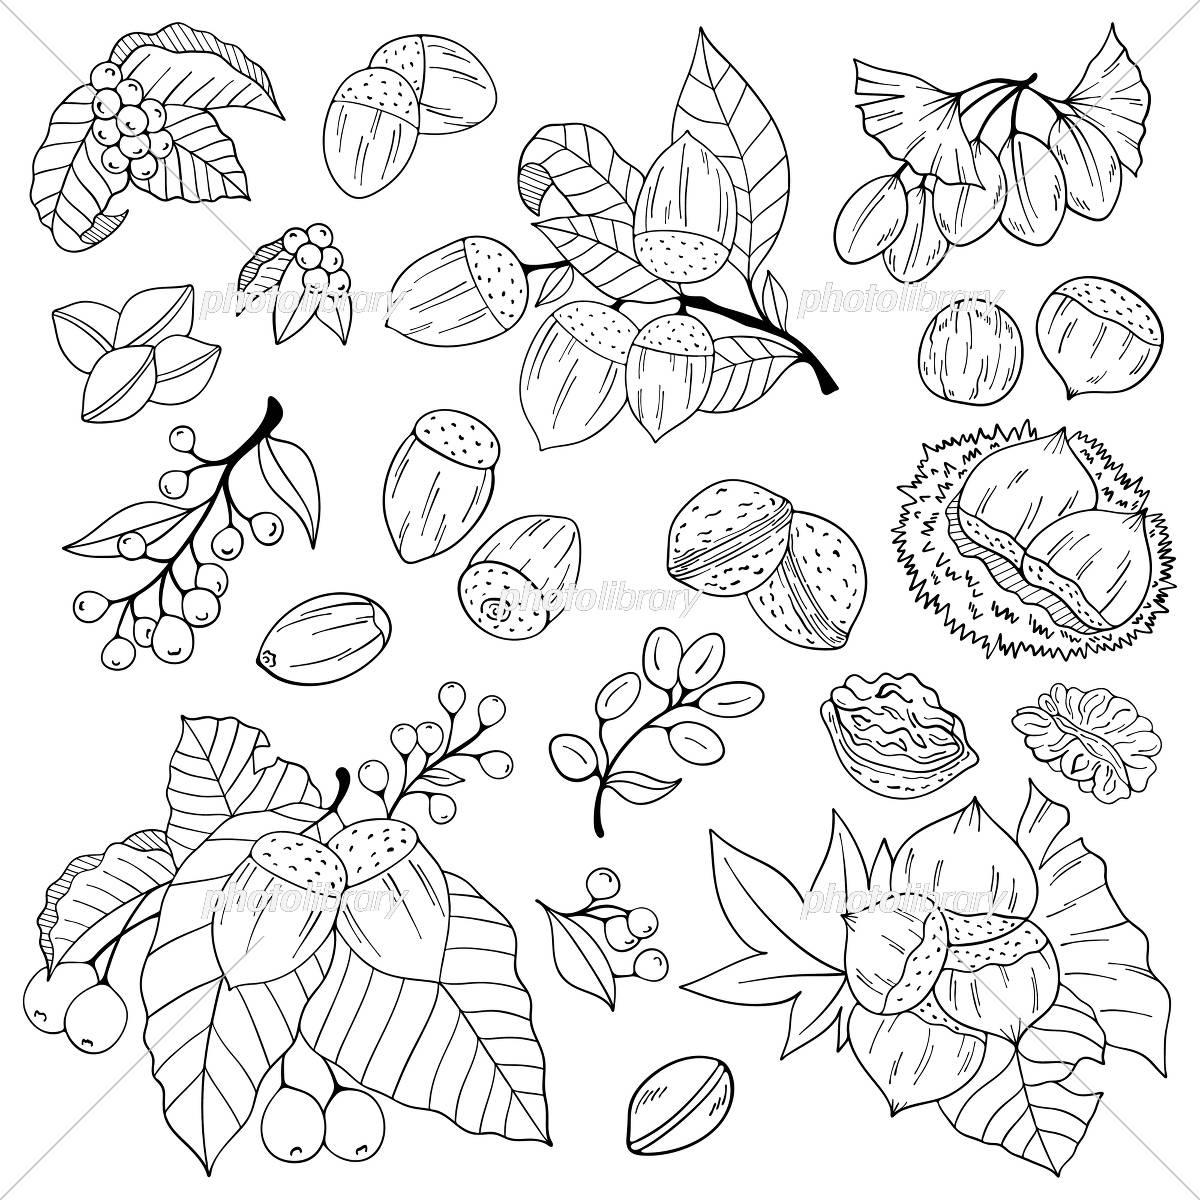 秋の植物イラスト素材 イラスト素材 5789577 フォトライブラリー